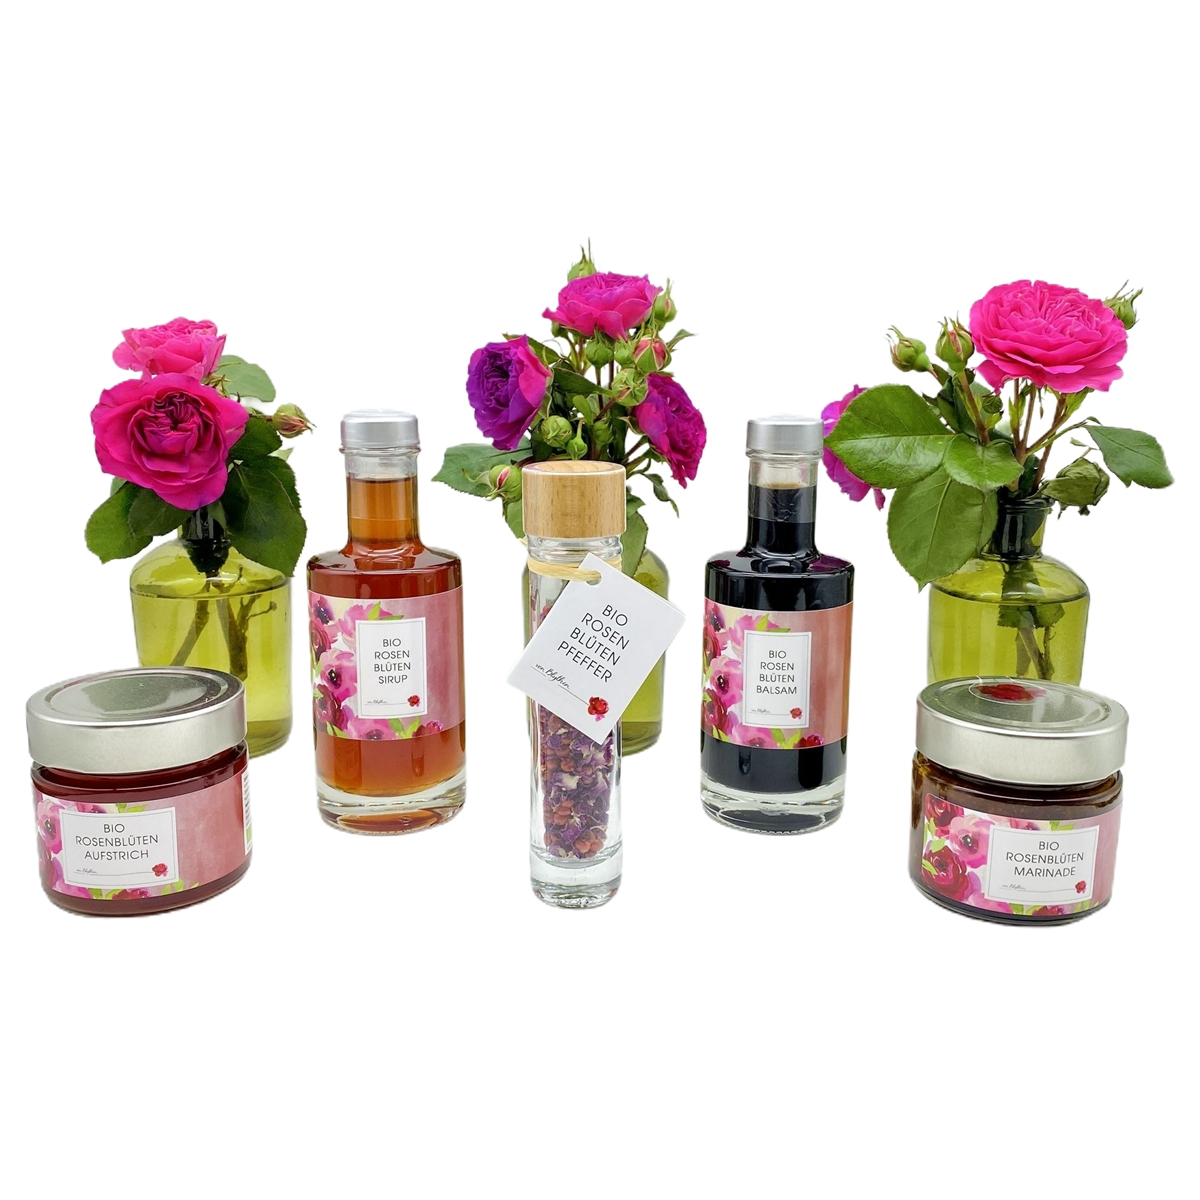 Bio Rosenblüten Spezialitäten